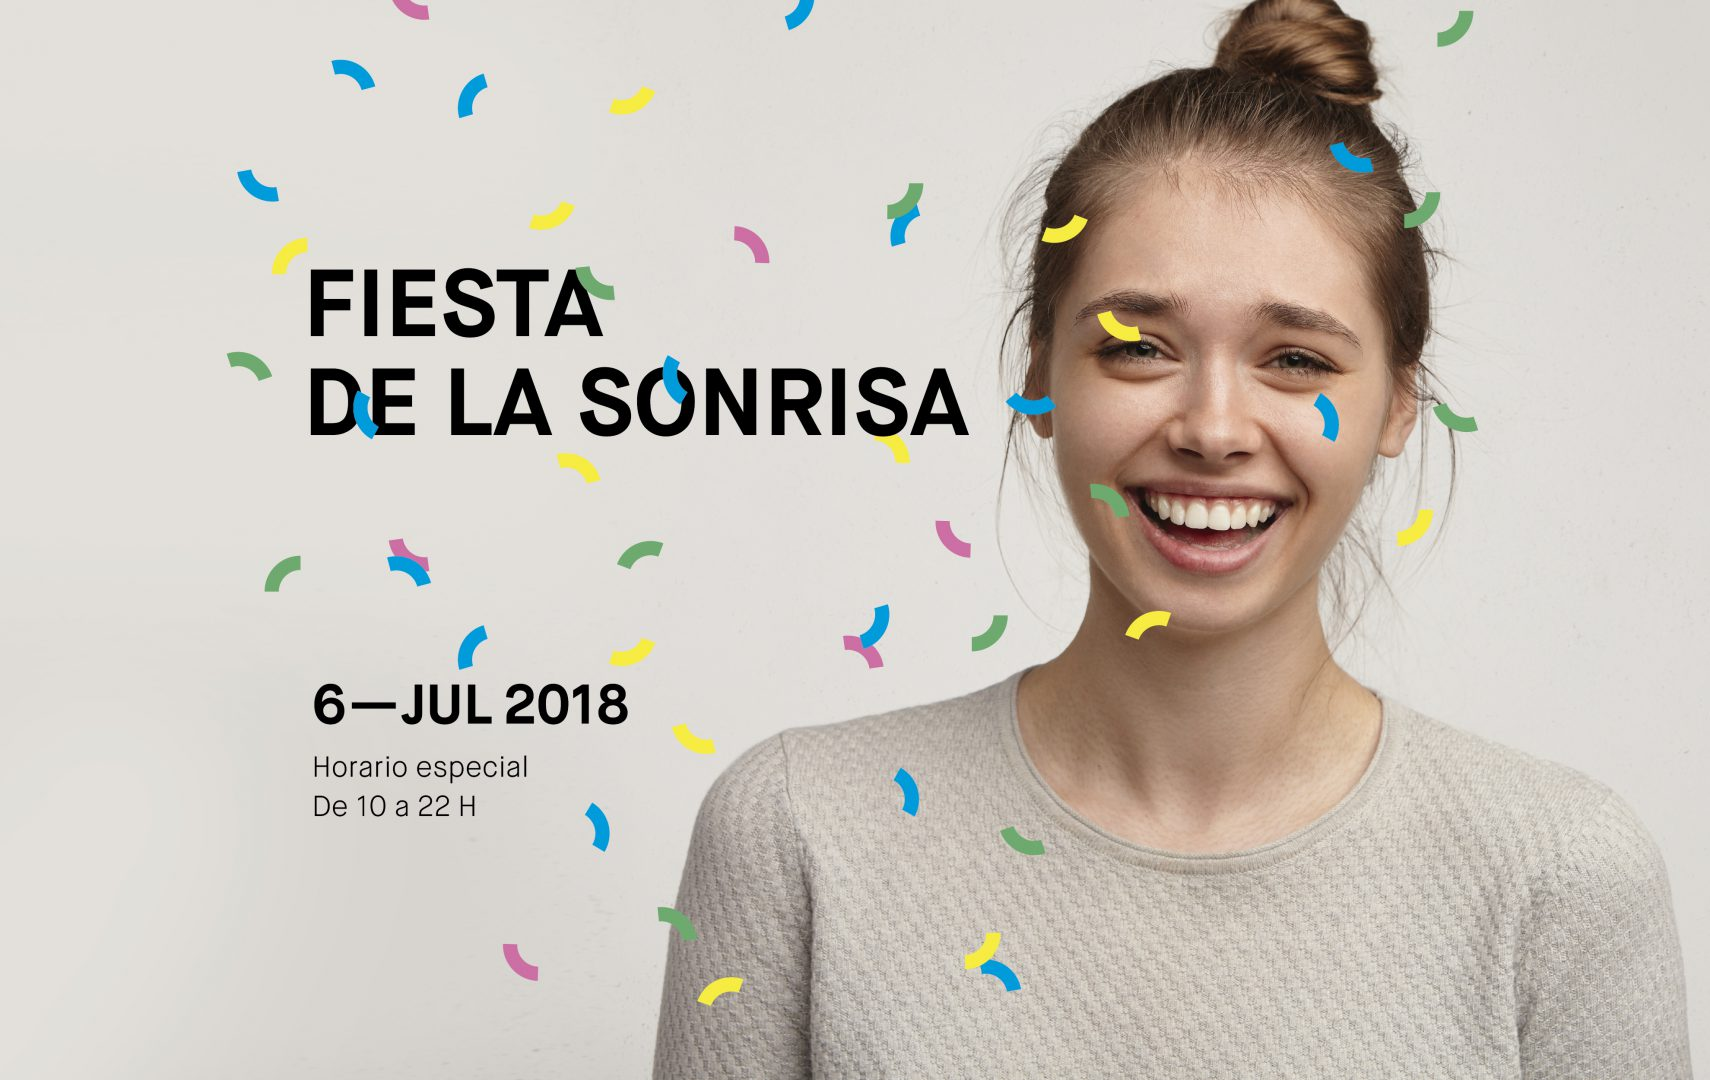 Primera Fiesta de la Sonrisa en ENLÍNEA